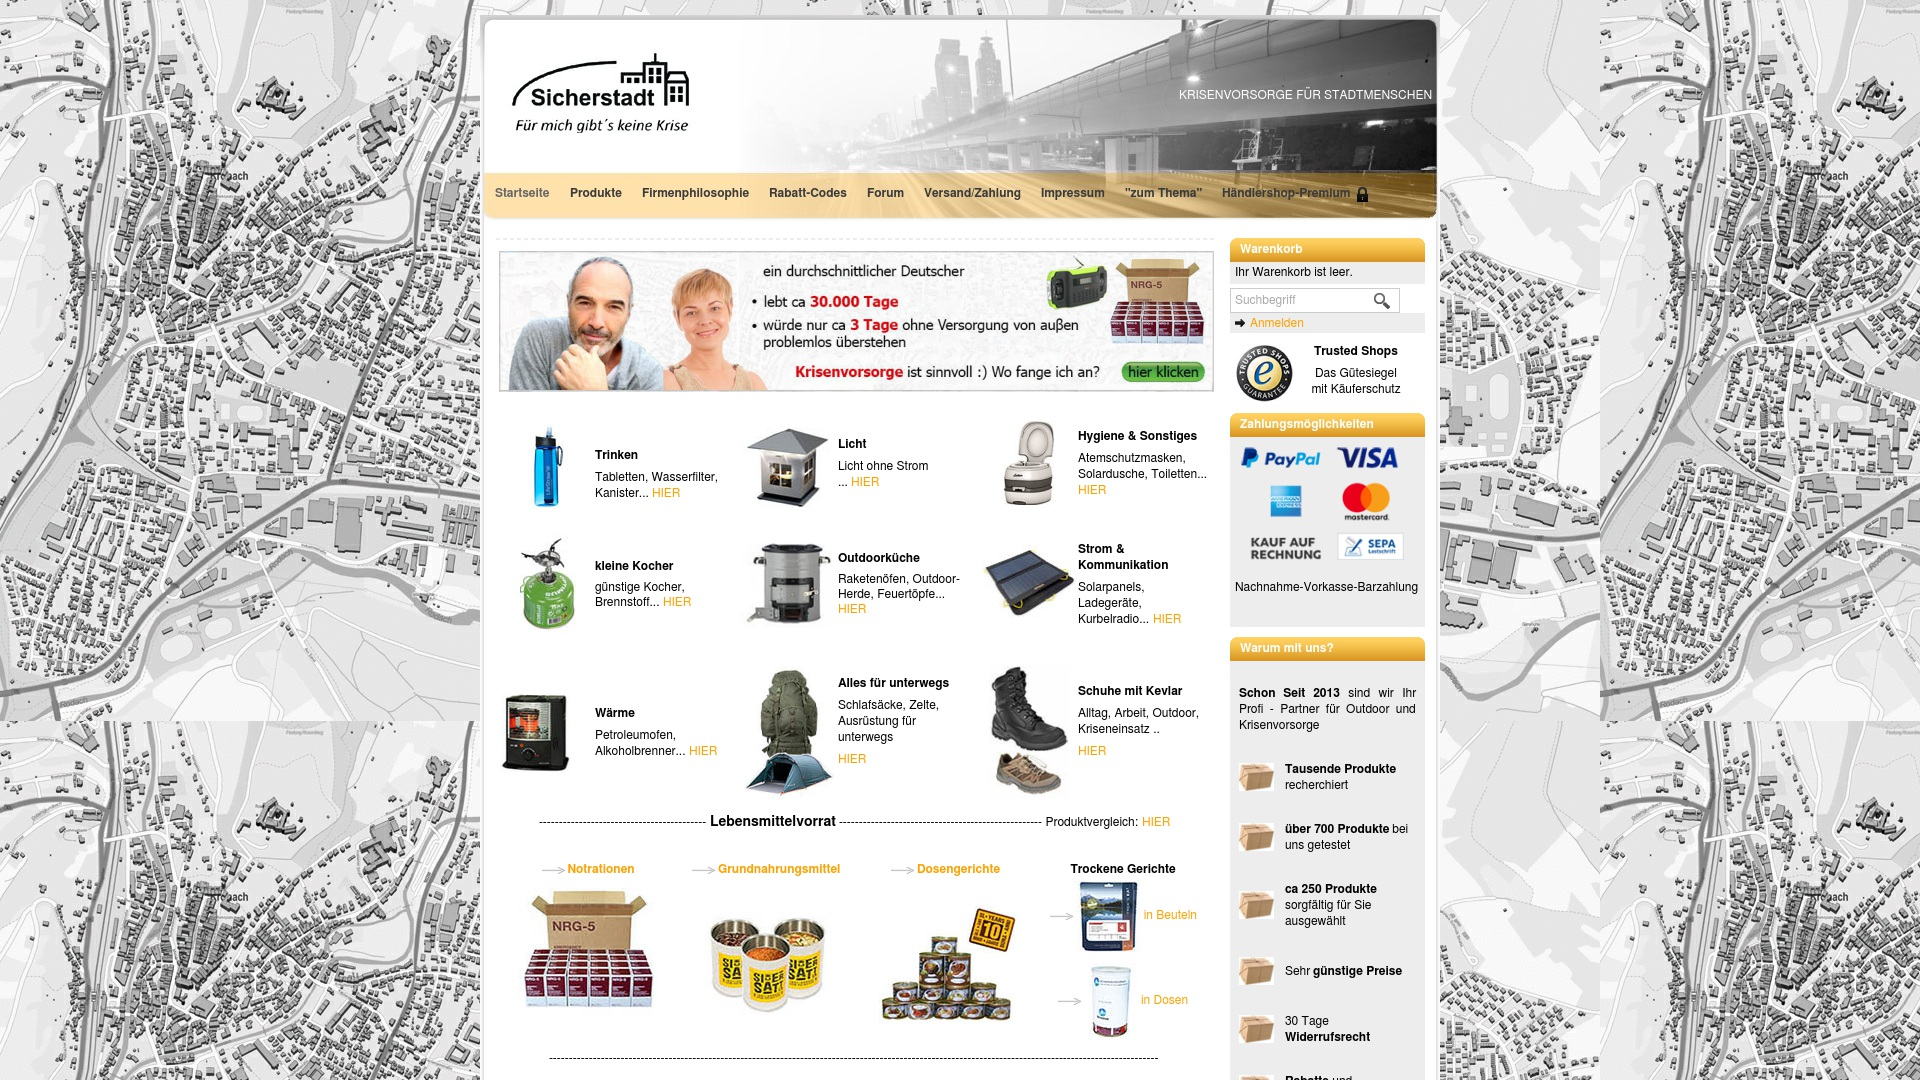 Gutschein für Sicherstadt: Rabatte für  Sicherstadt sichern